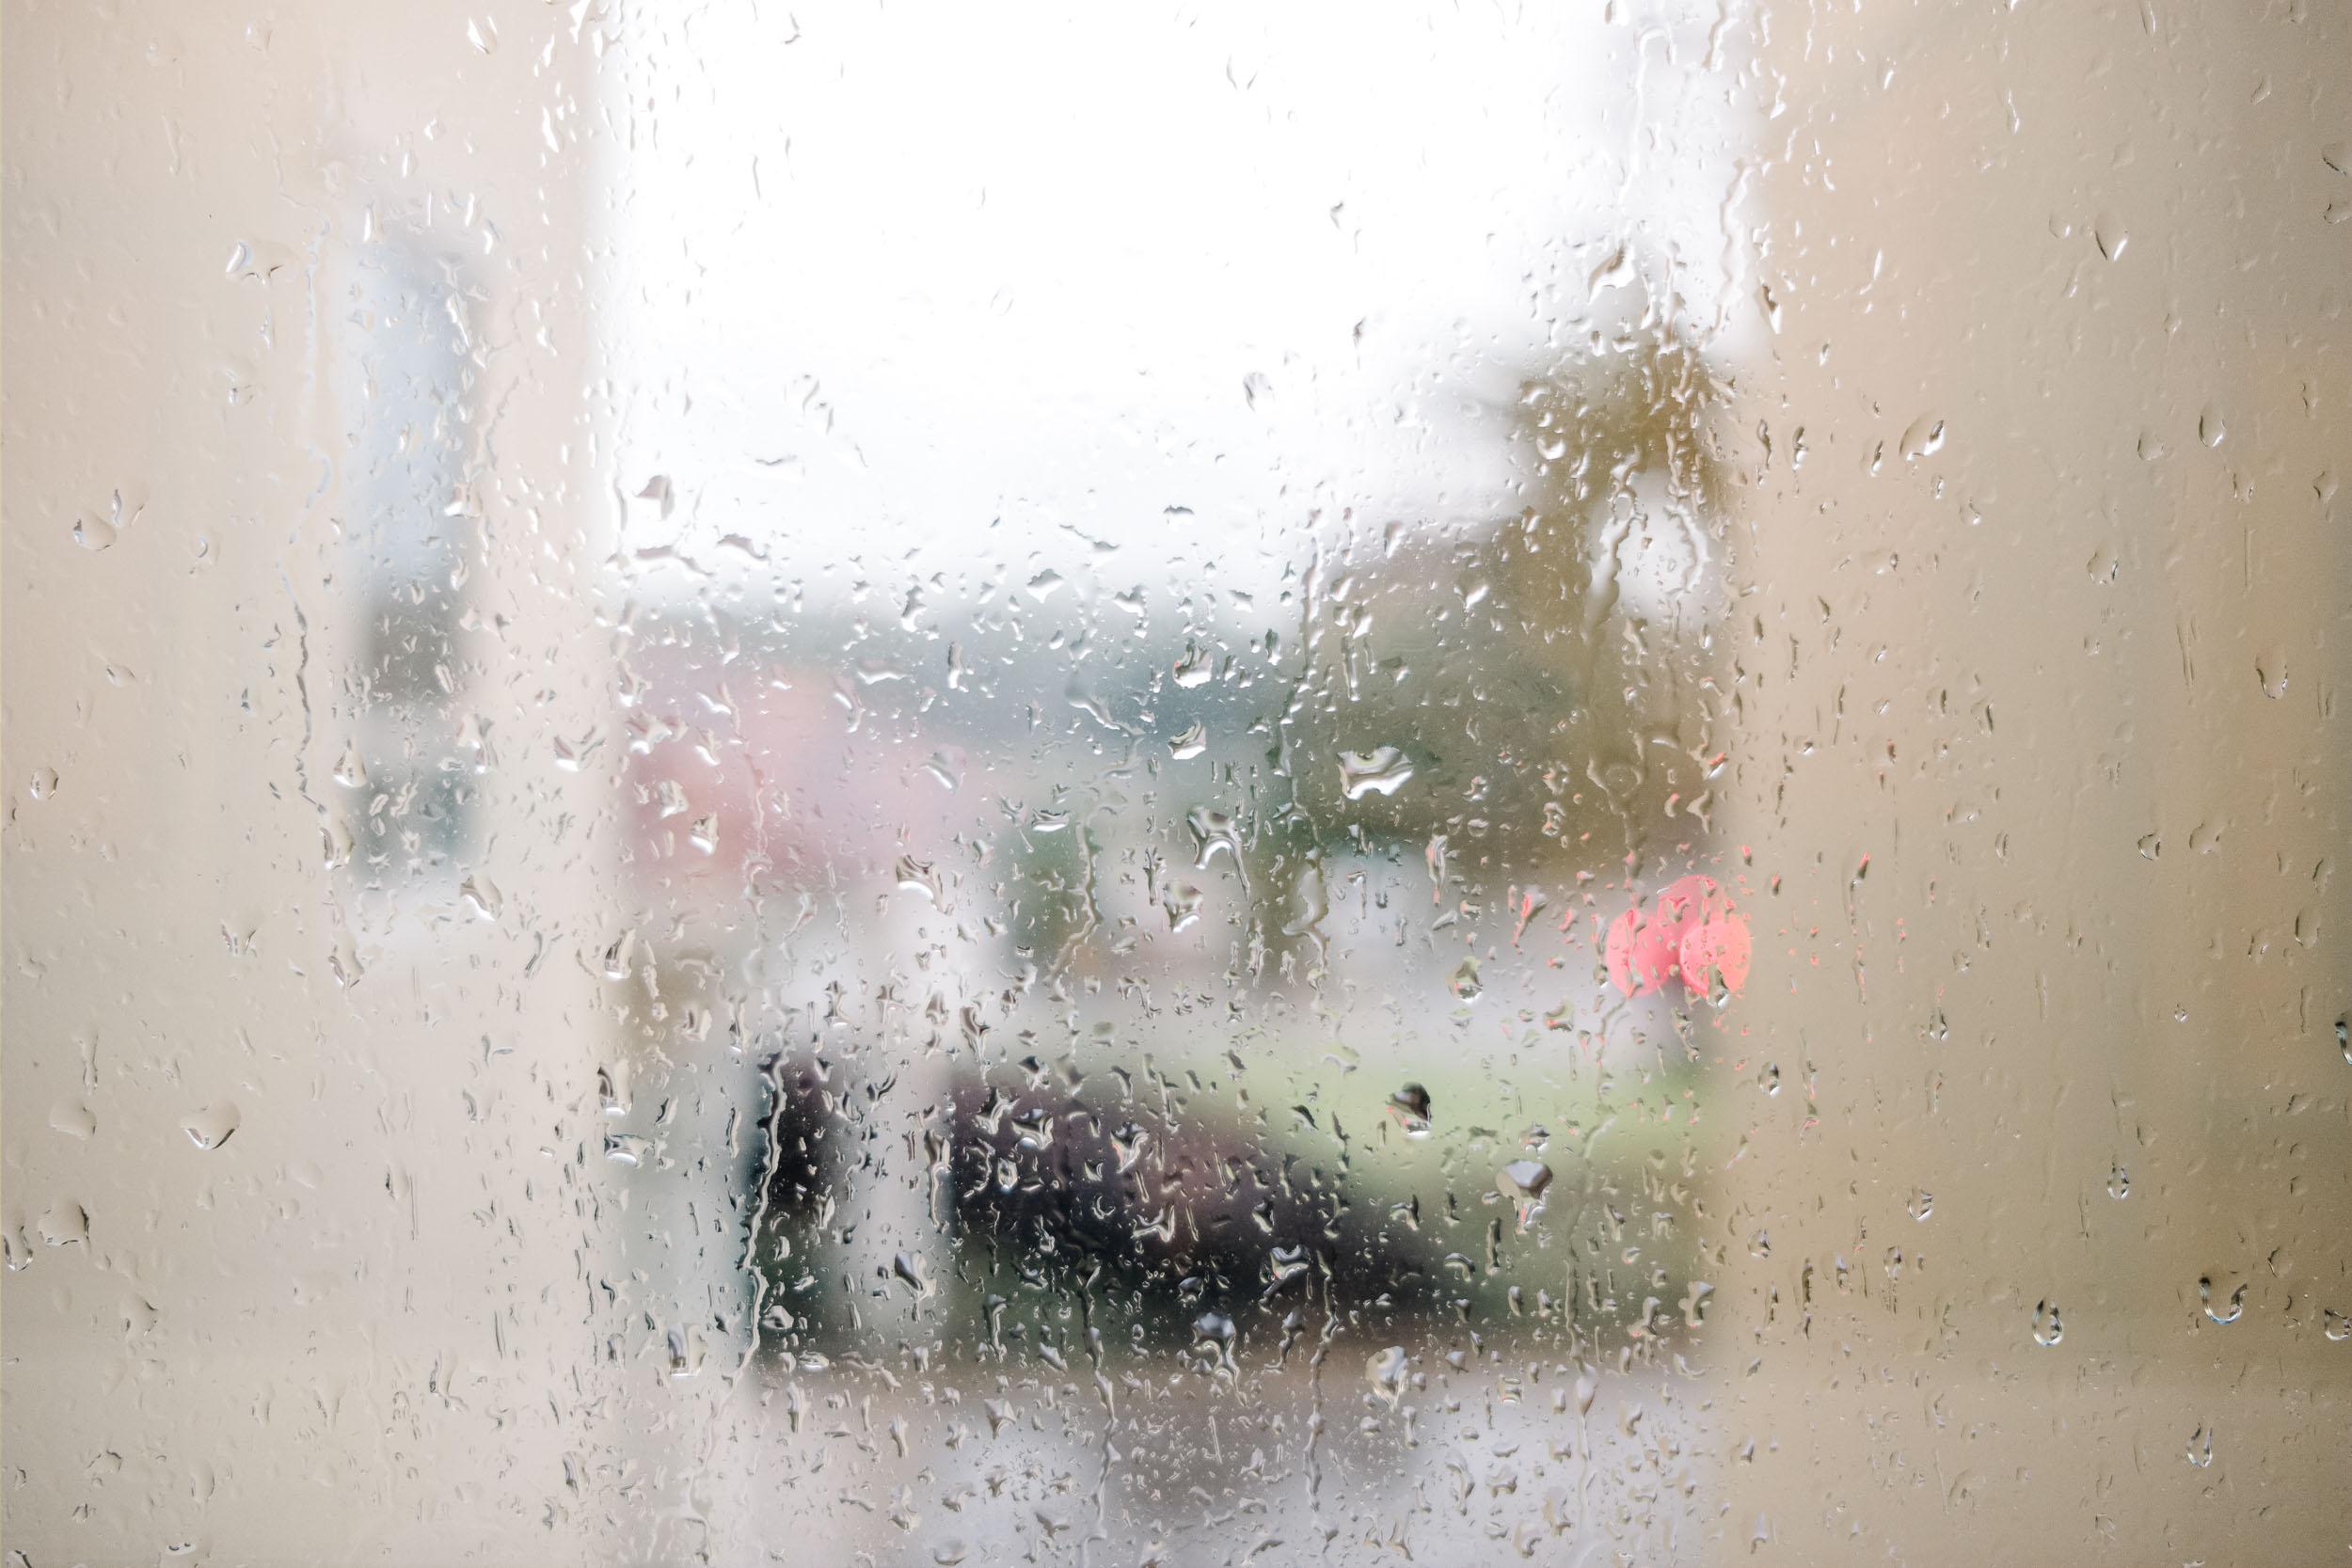 rainy-day-photography